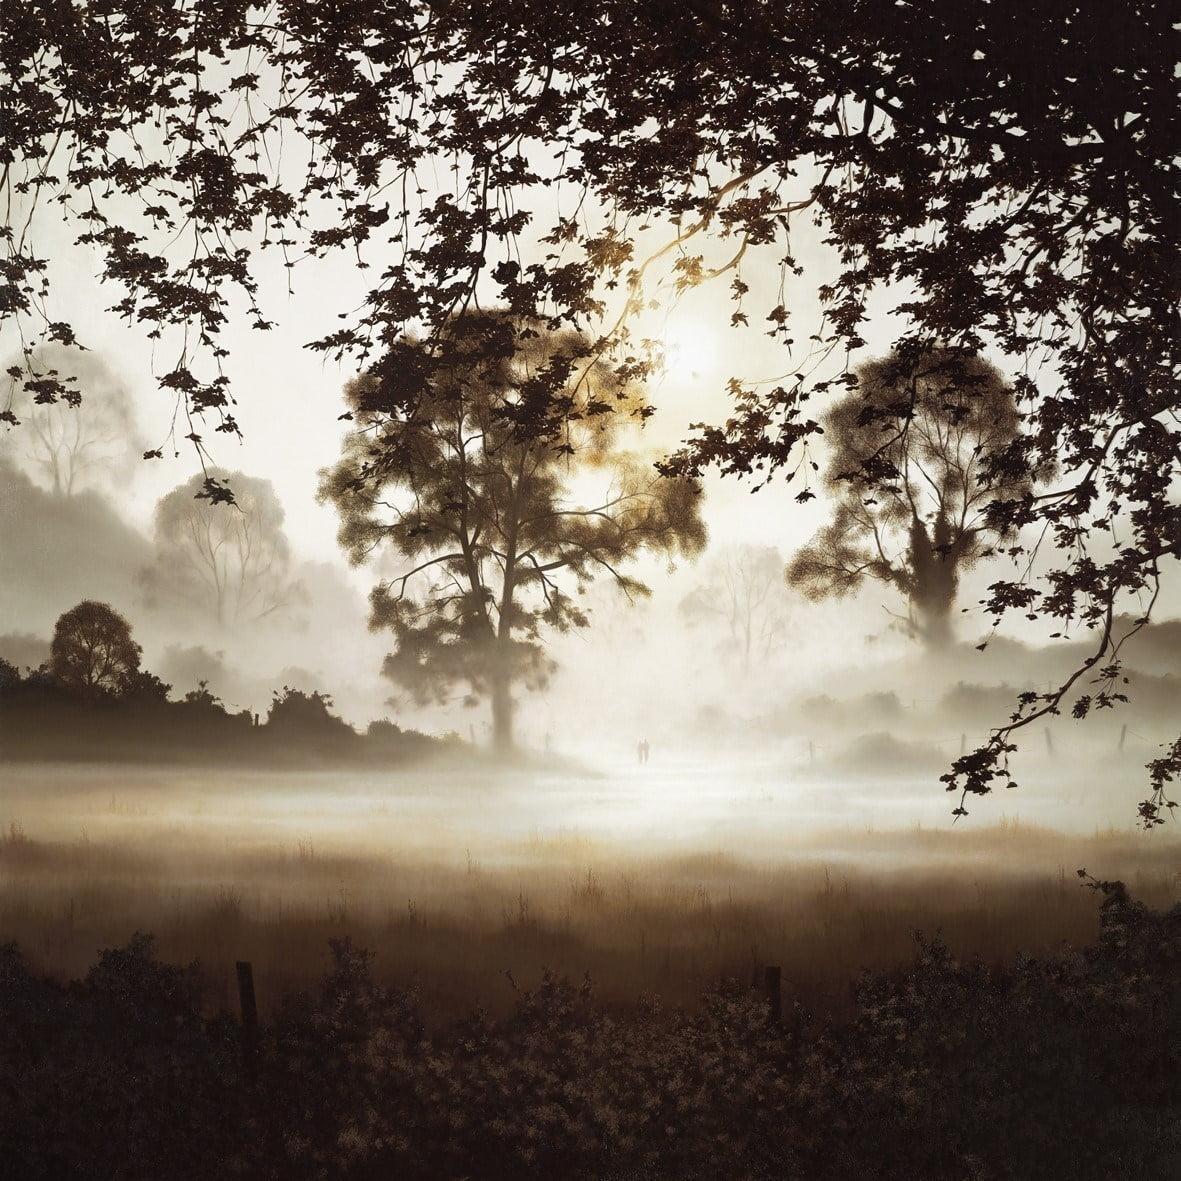 When Time Stands Still ~ John Waterhouse